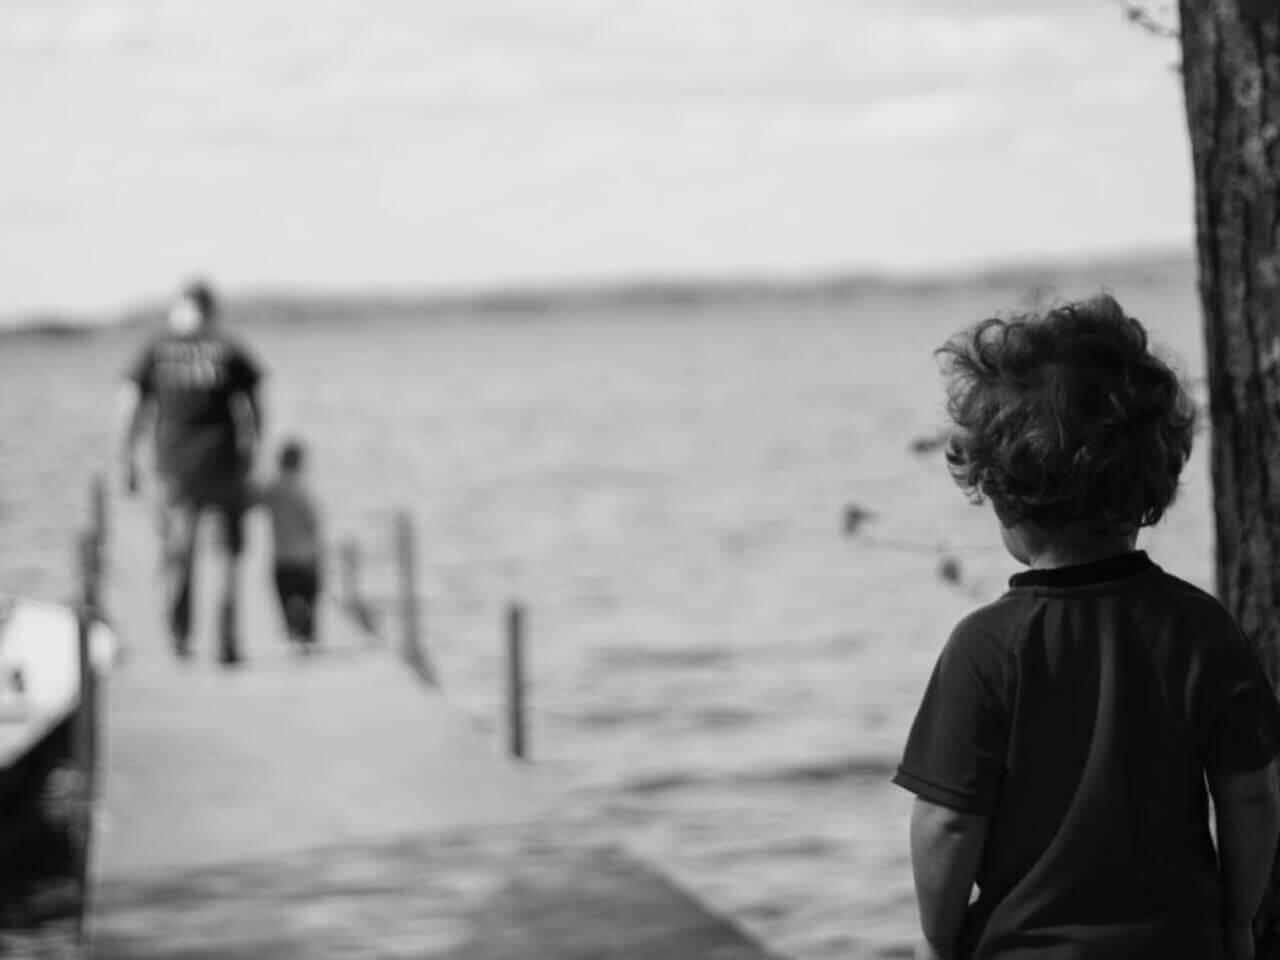 ひとりぼっちで親子を見つめる少年